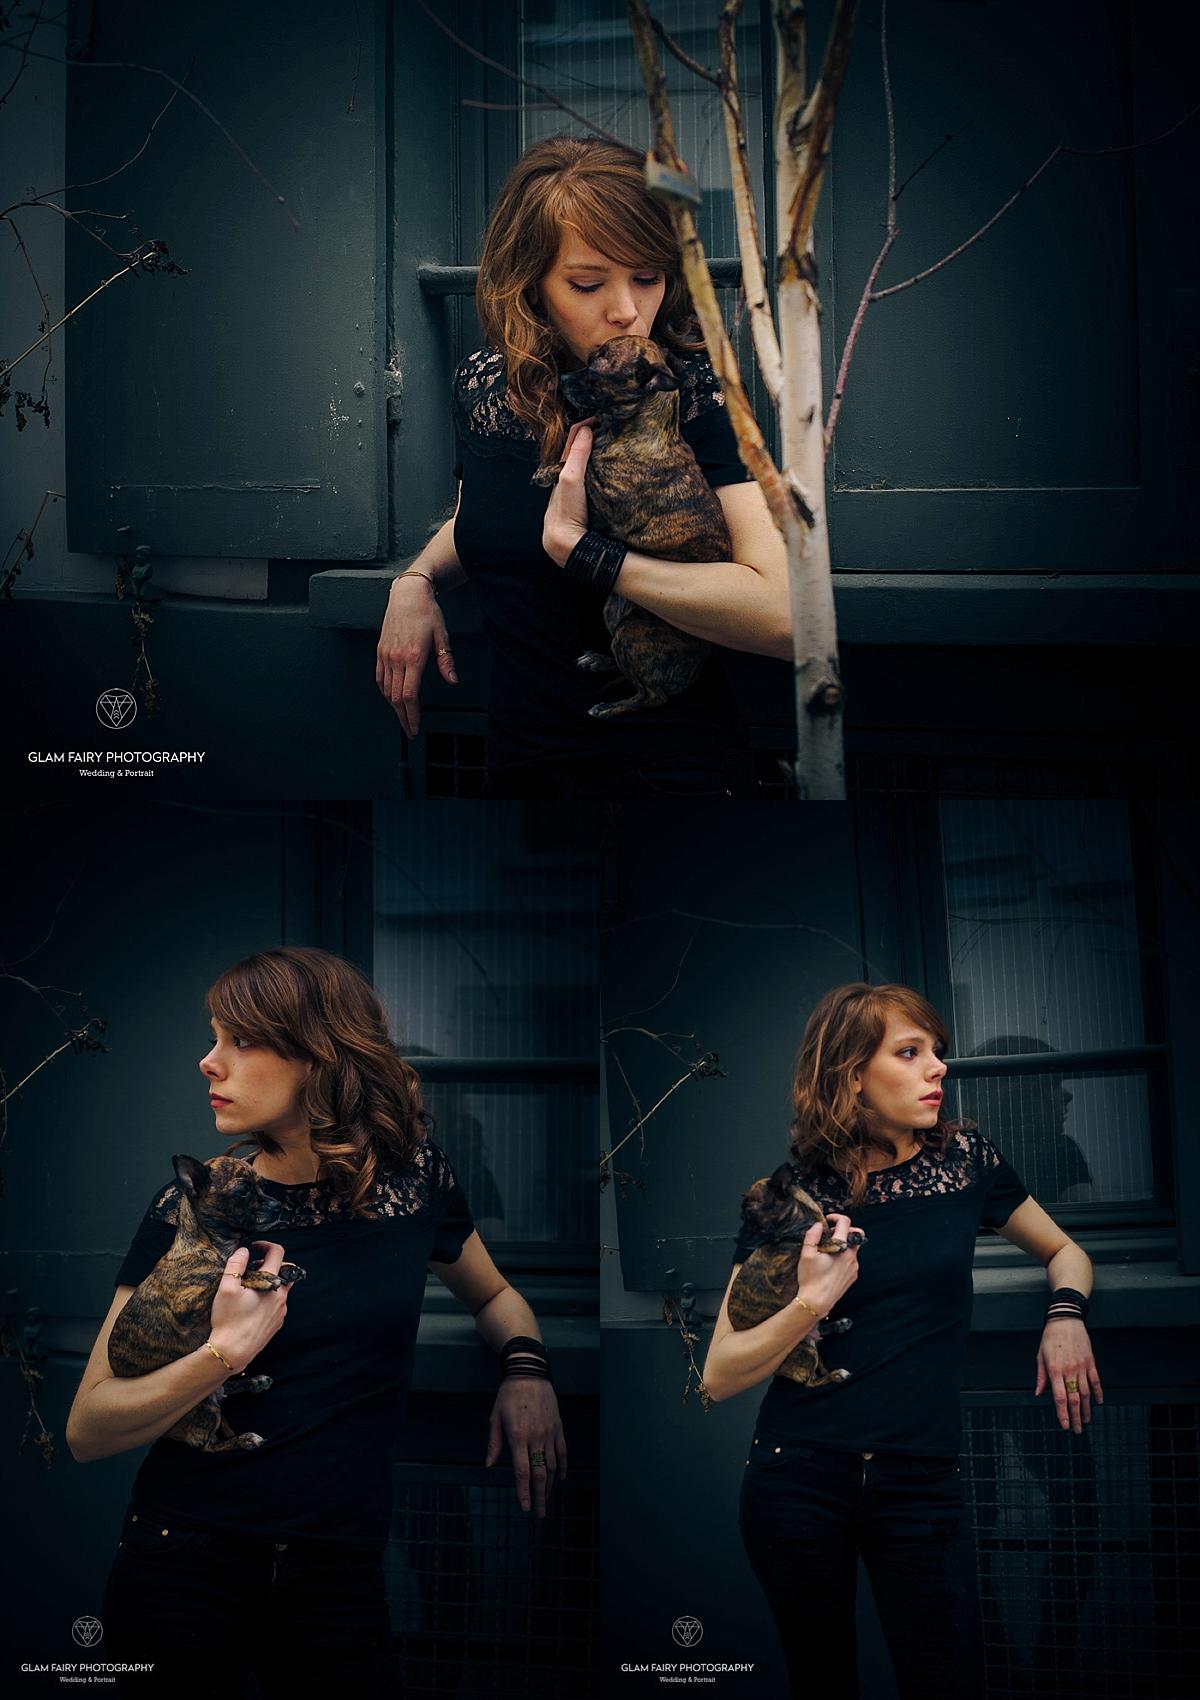 GlamFairyPhotography-seance-portrait-femme-et-son-toutou-clara_0014